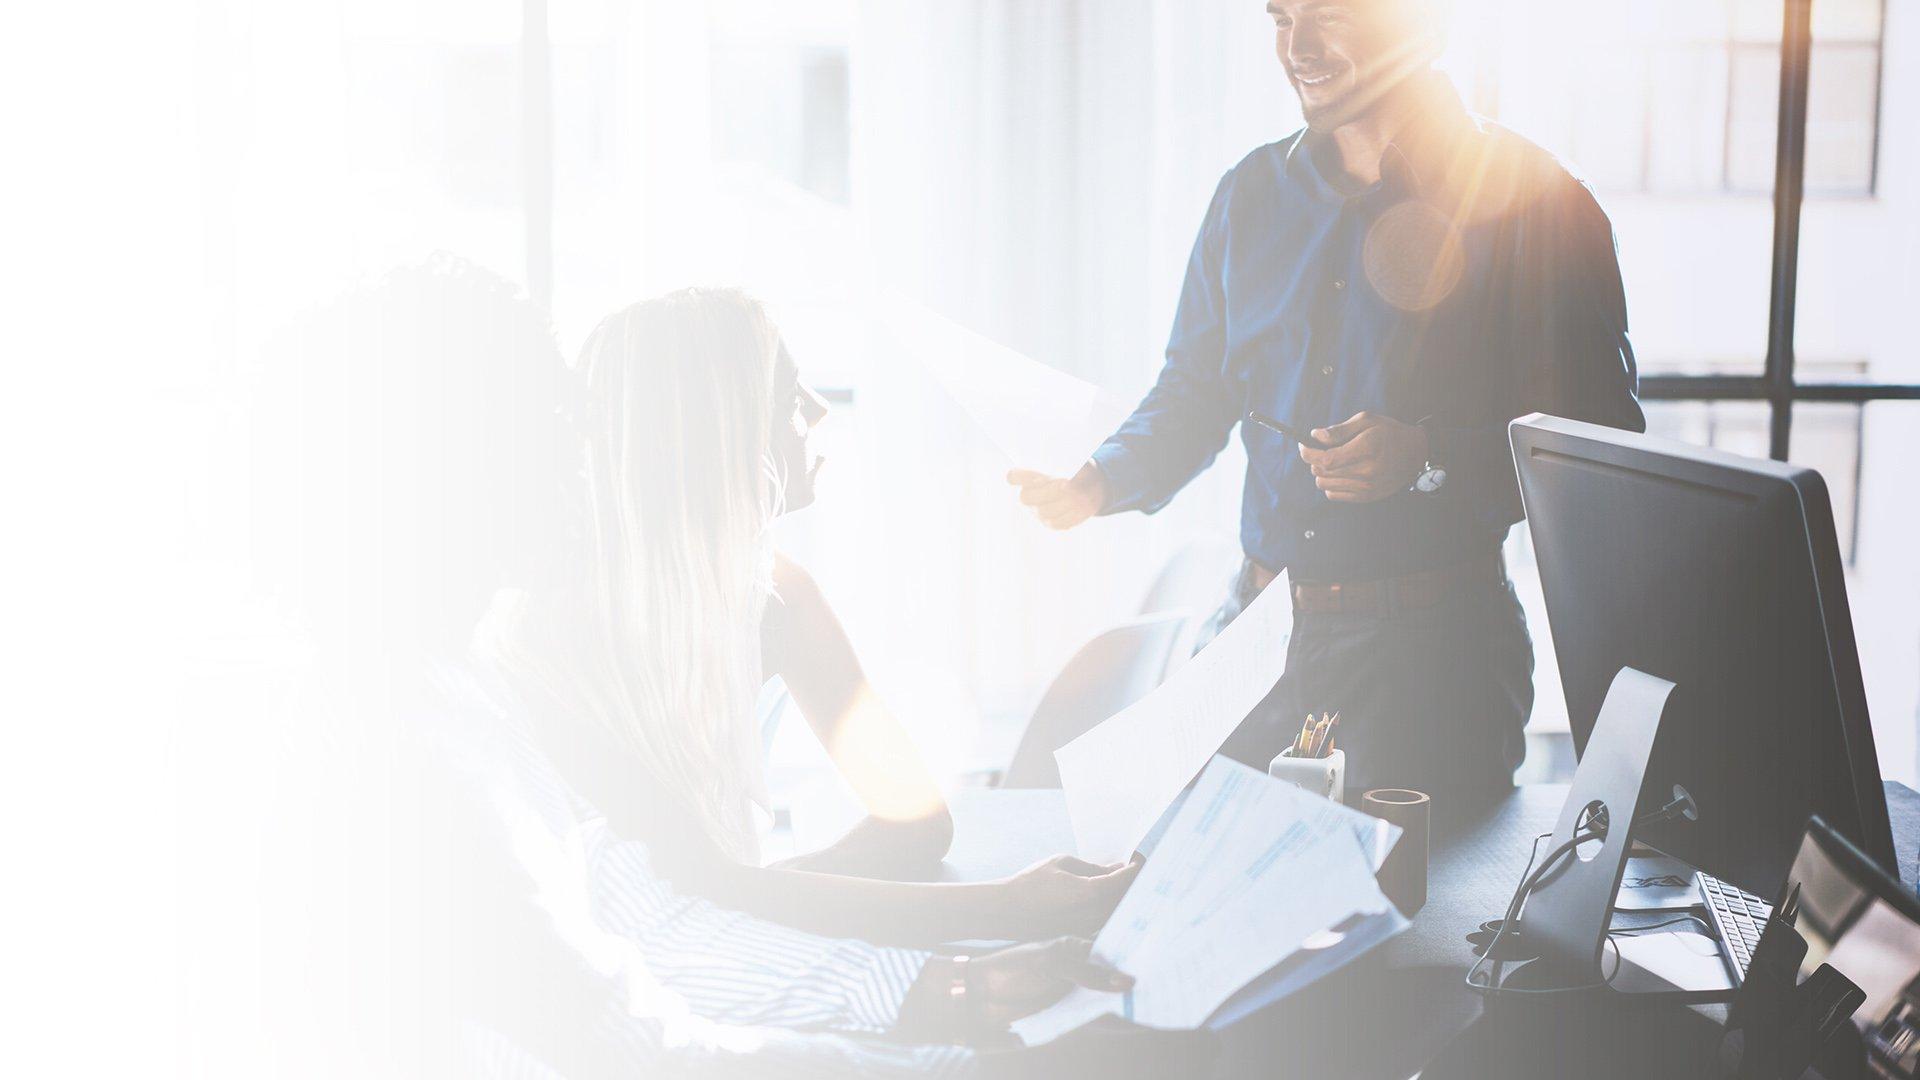 Simplifique os processos<br> de qualidade de sua empresa.